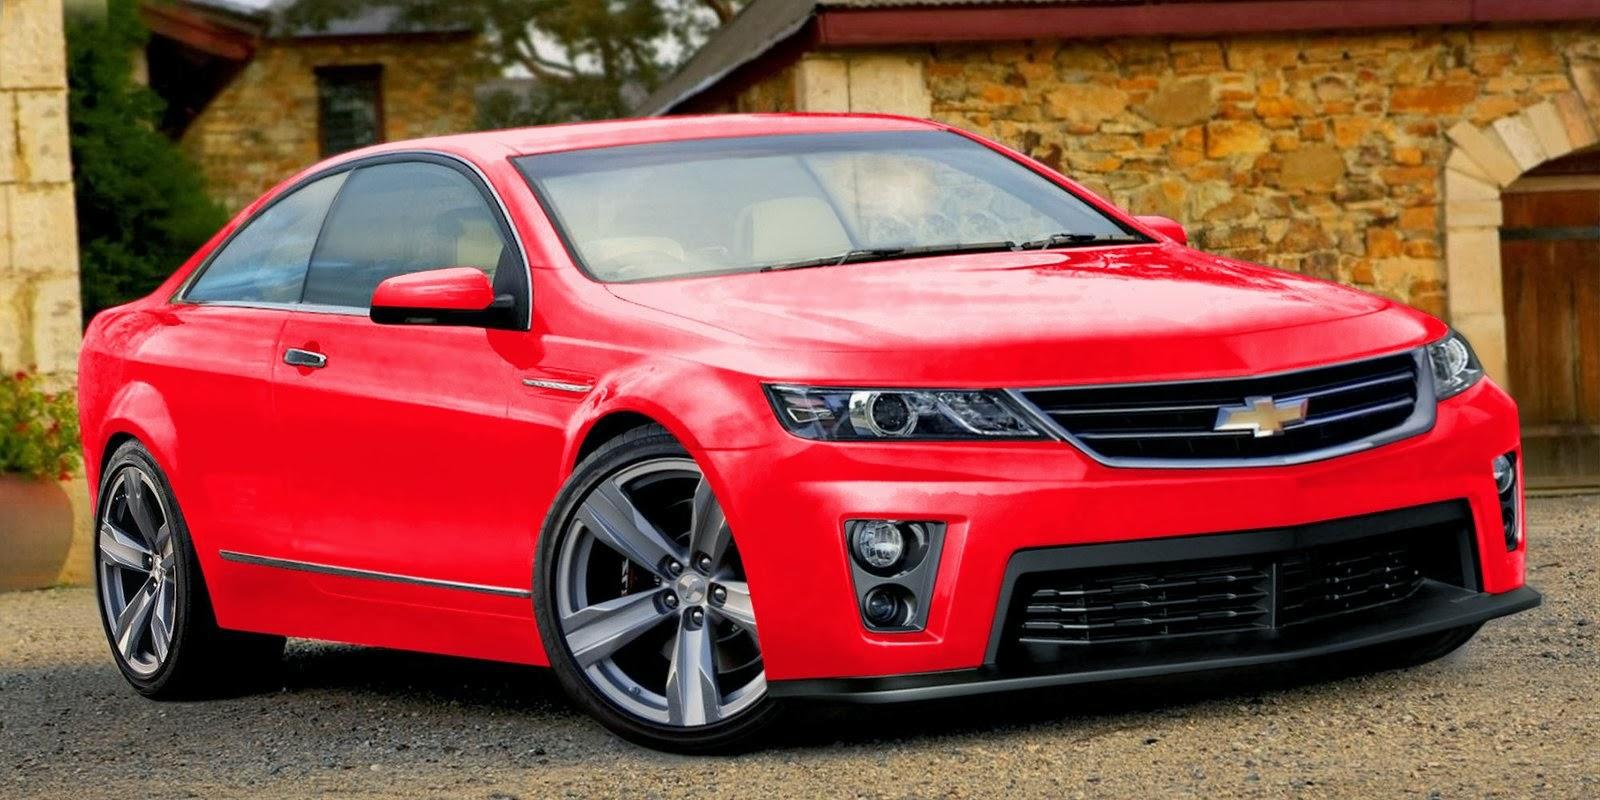 2014 Chevrolet Monte Carlo Photos, Price, Concept – 2014 Chevy Monte